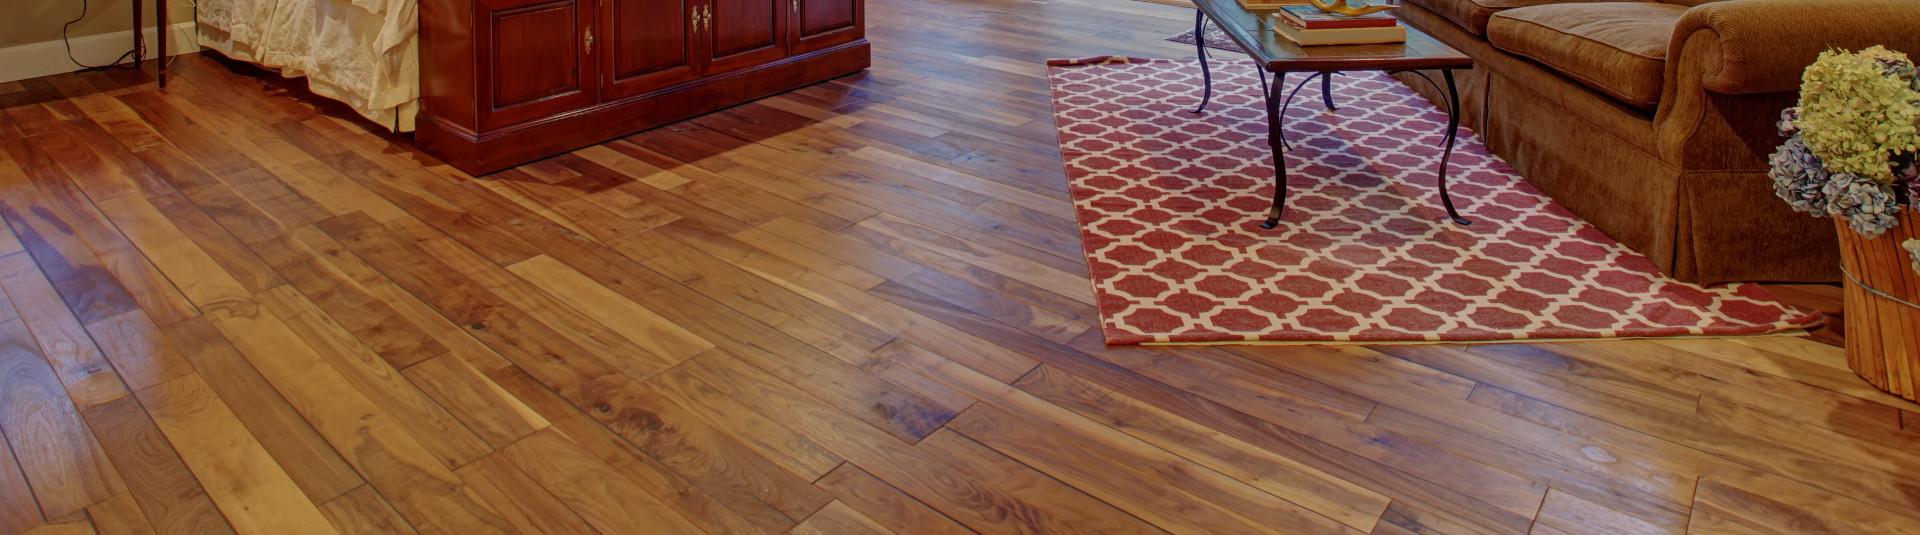 Podłoga drewniana Prime Design